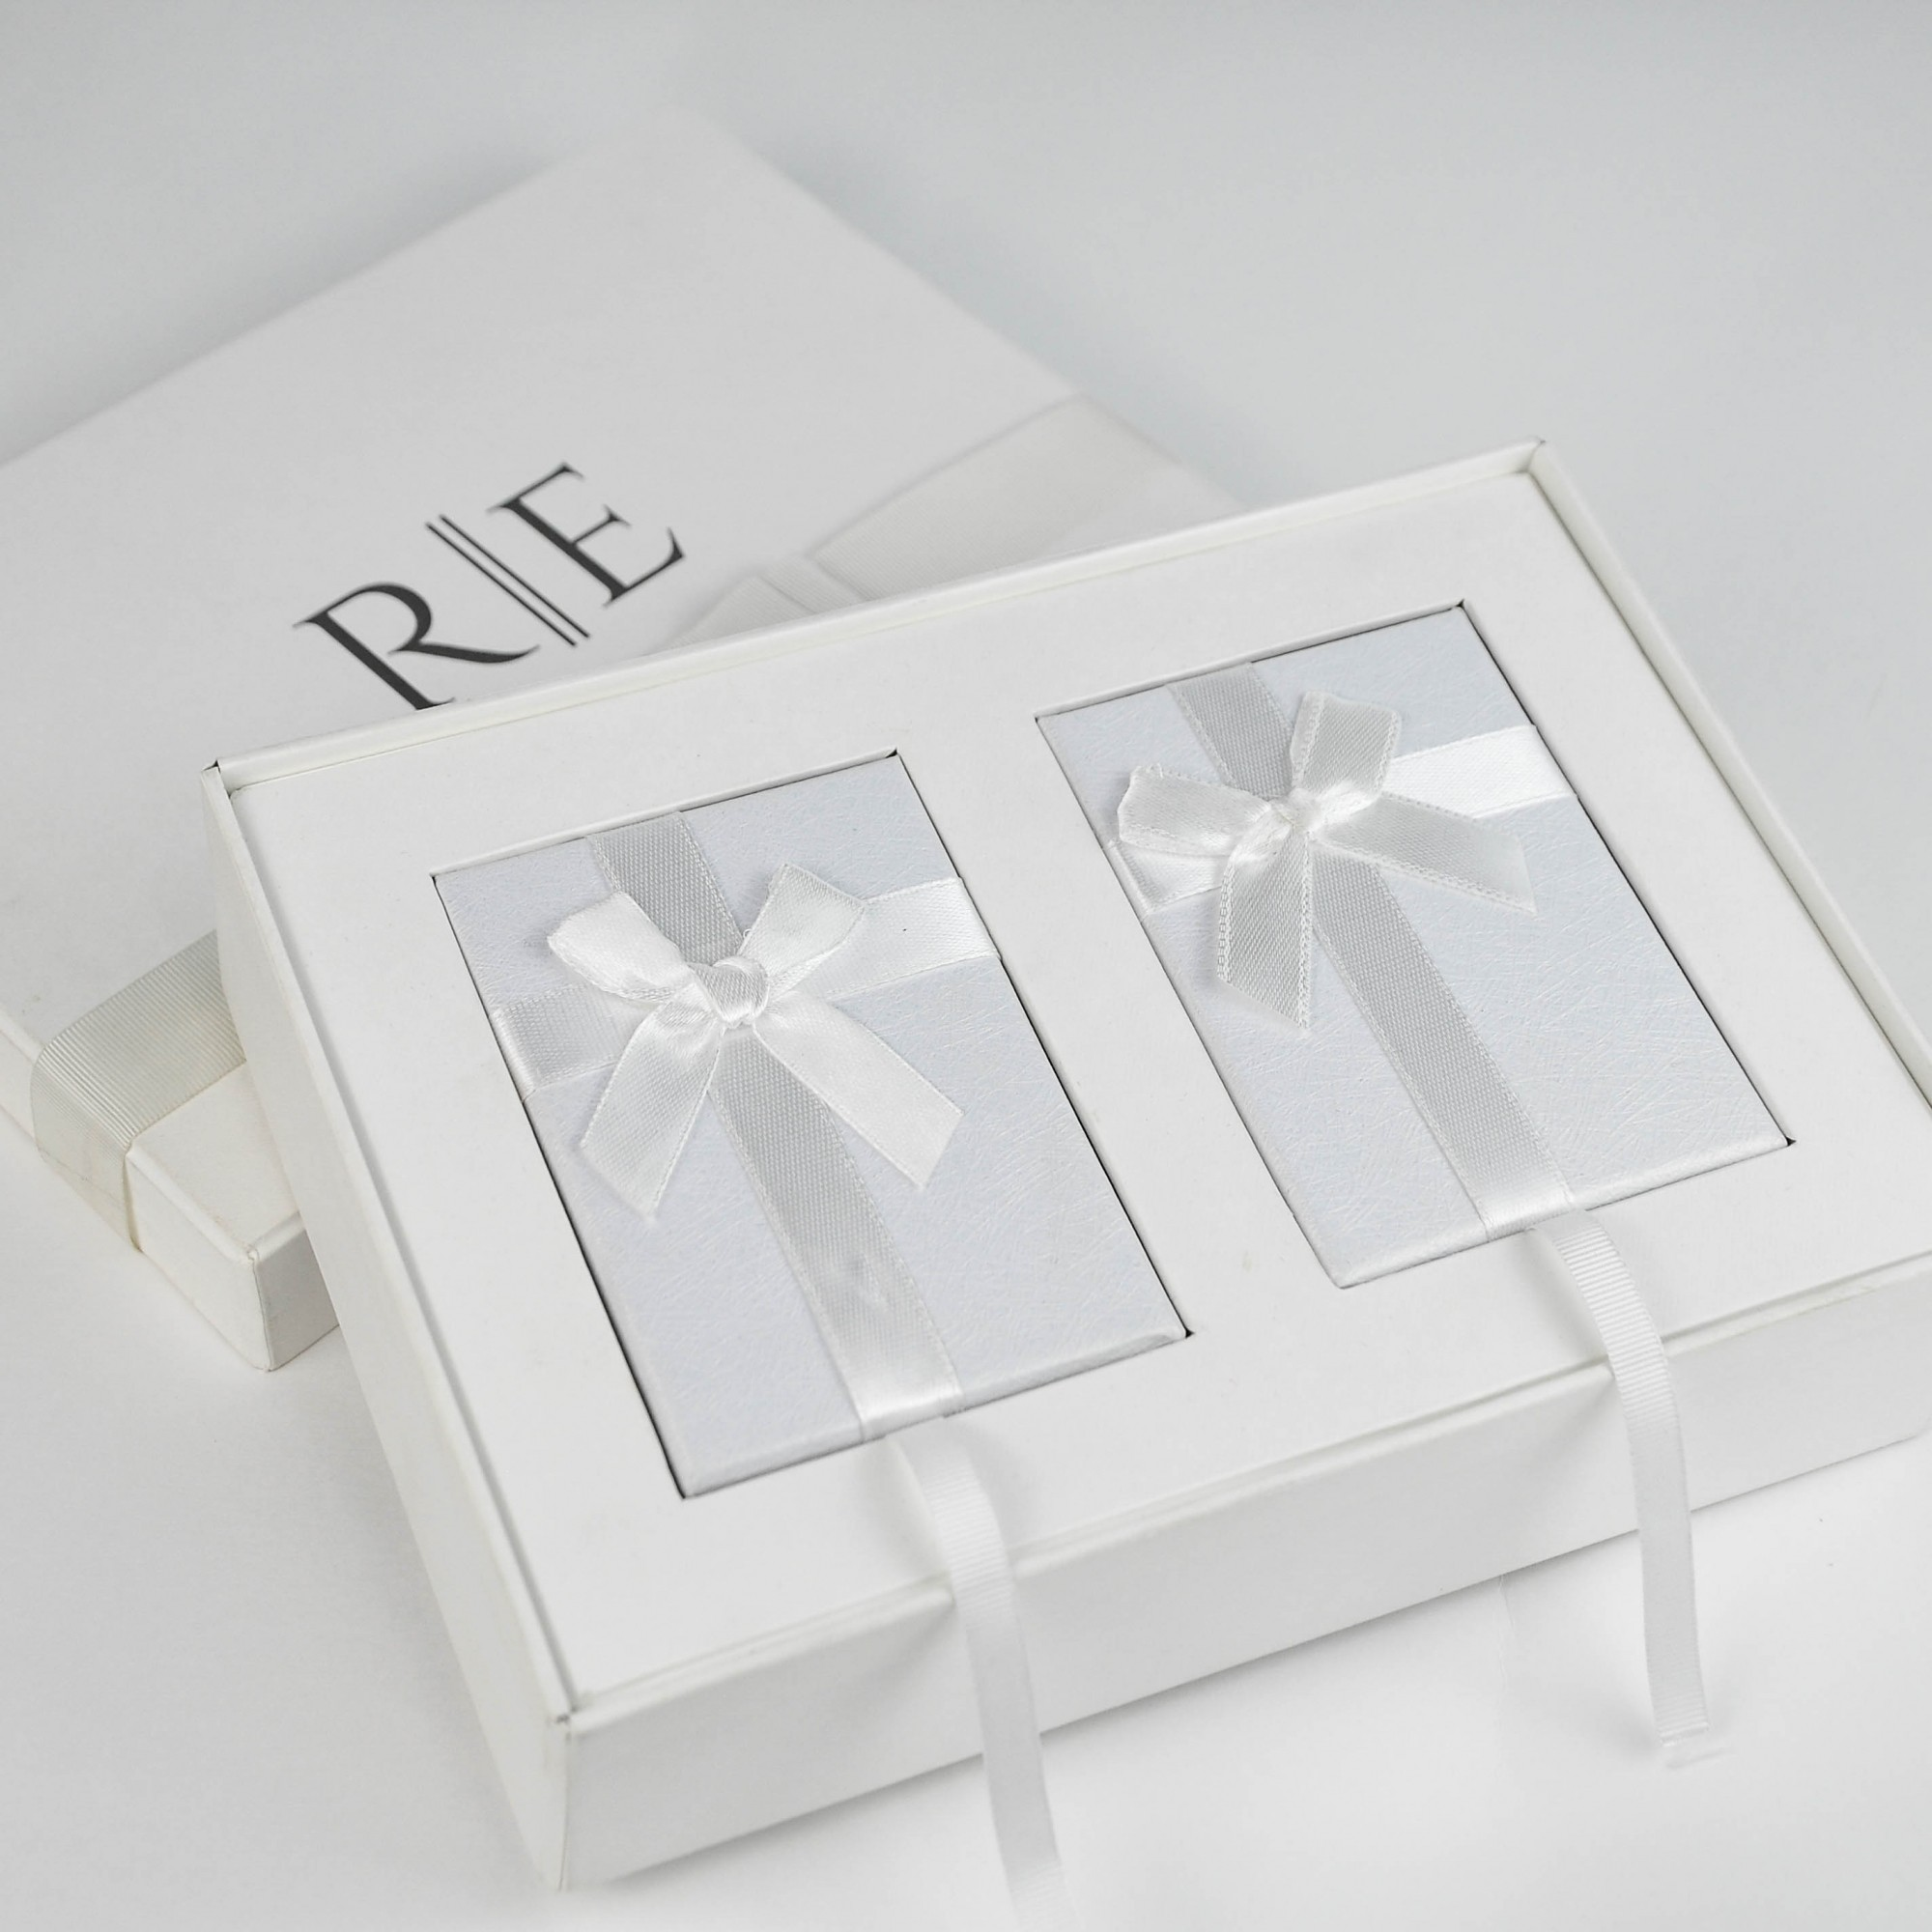 16 Kits Completos para Padrinhos, contendo (cada kit), Box Personalizada, 1 escapulário Masculino de Aço e 1 Feminino de Prata 925